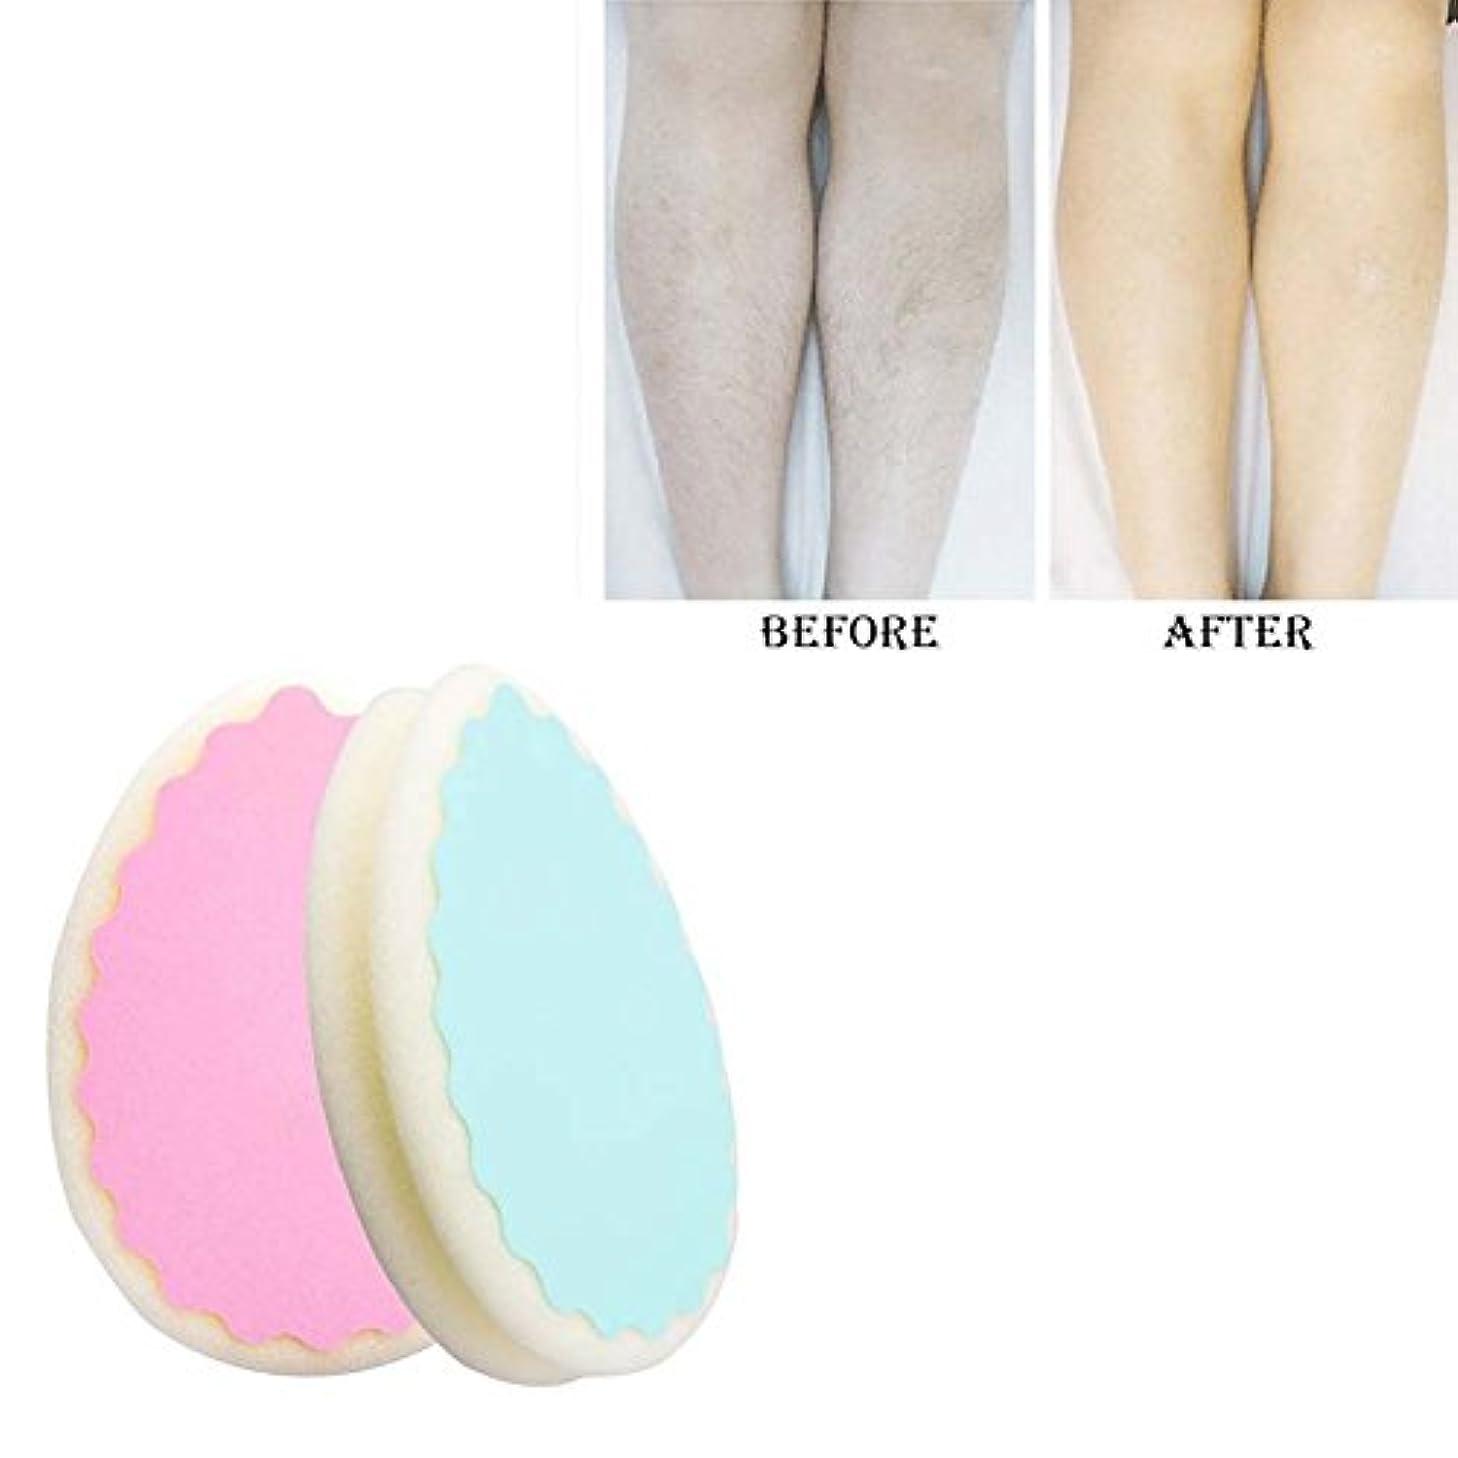 脱毛剤辛い脱毛スポンジ男性と女性の両方に利用可能そして足を外すアーム脱毛剤は有効です,5PCS